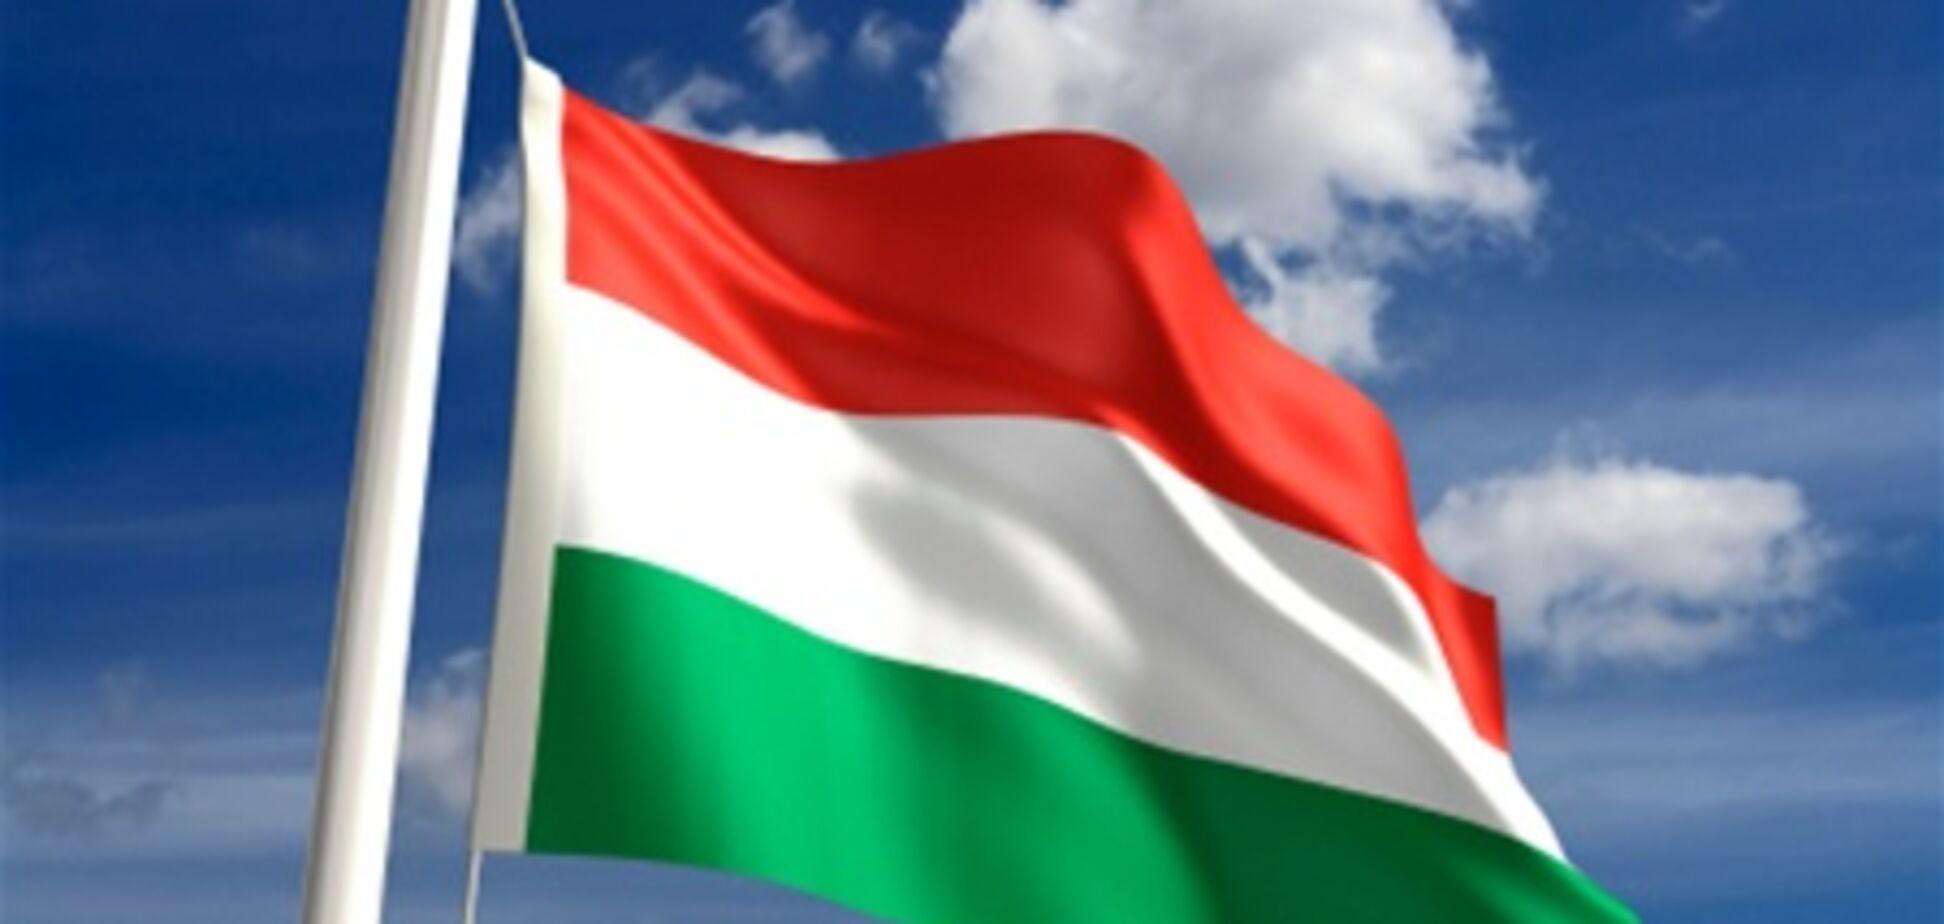 Угорщині загрожують санкції за порушення принципів Євросоюзу